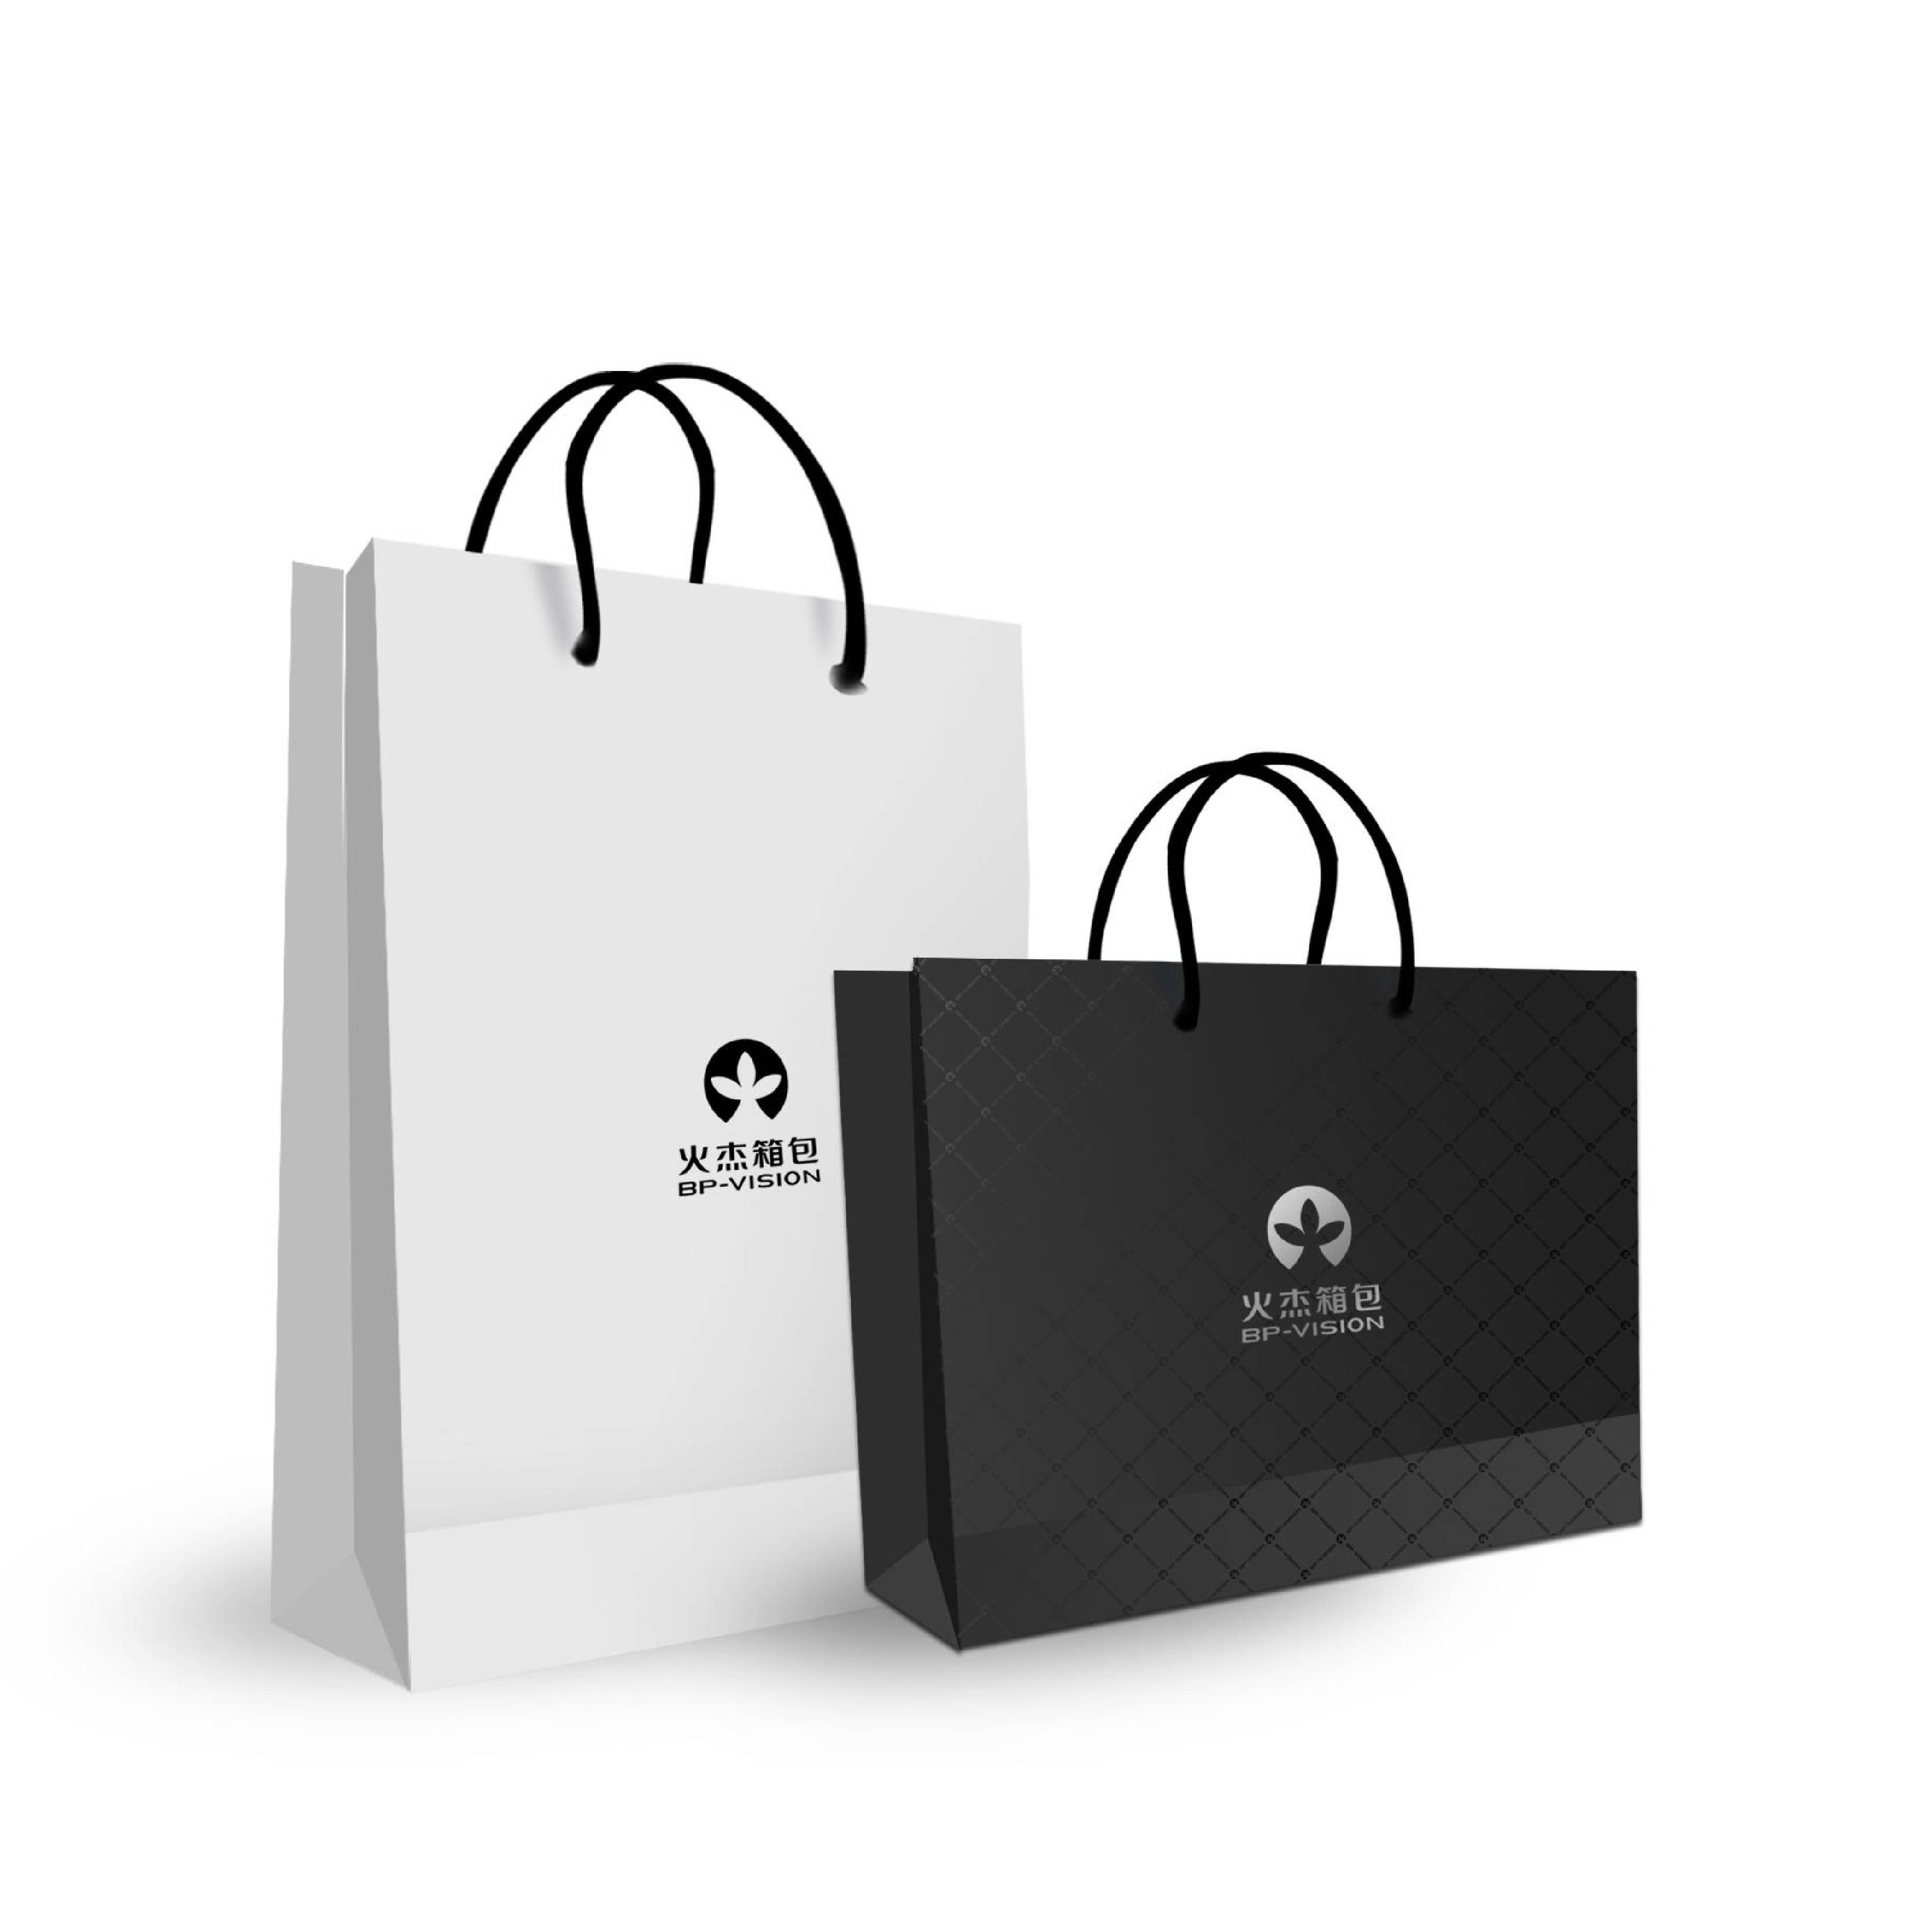 手提袋定制 纸袋 定做印刷 订做 设计礼品袋 制作服装袋 广告袋子